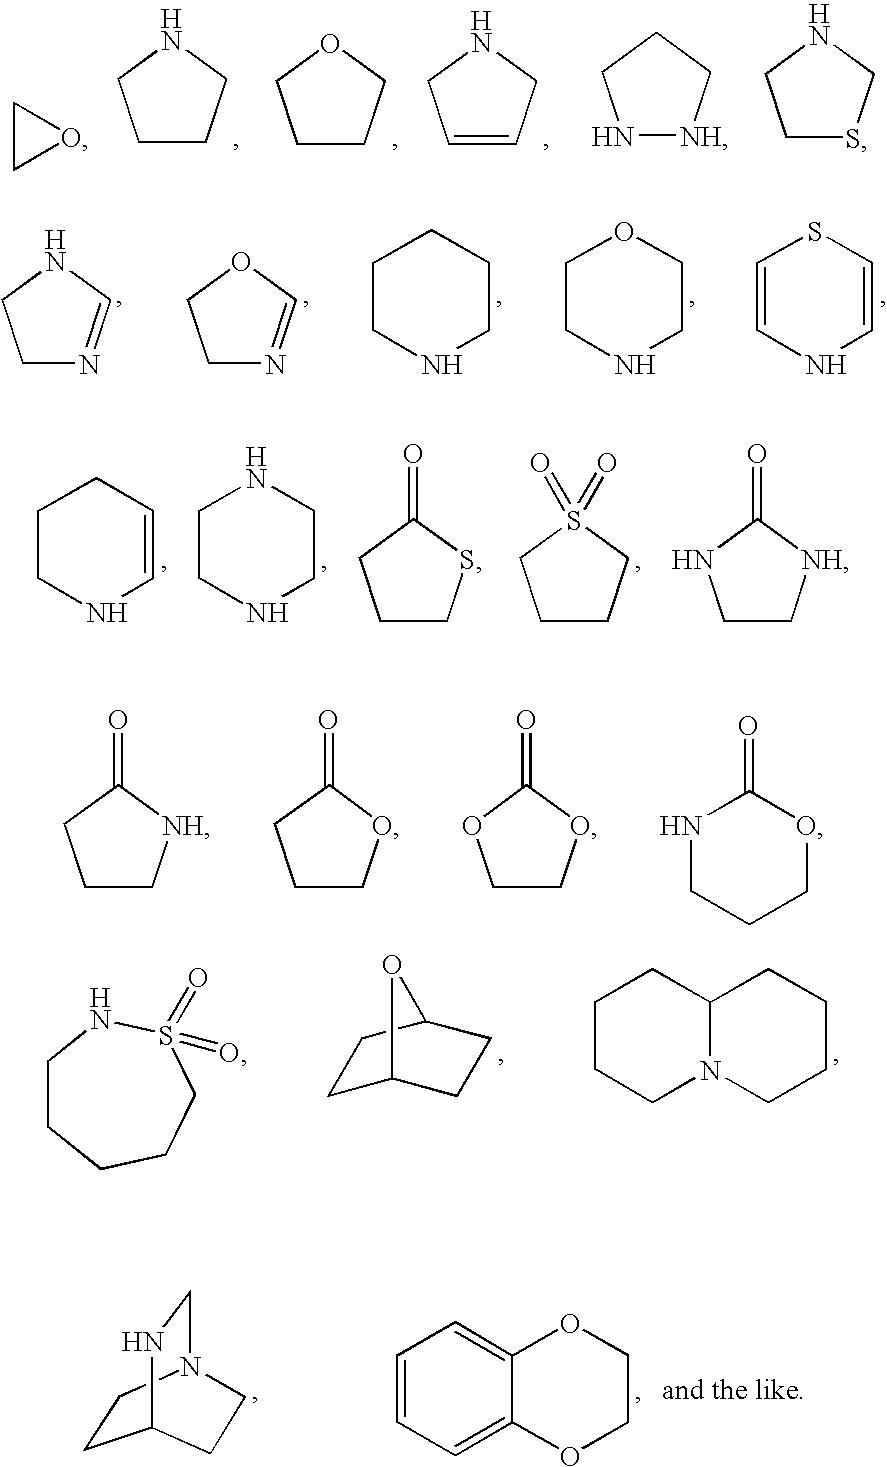 Figure US07541359-20090602-C00008